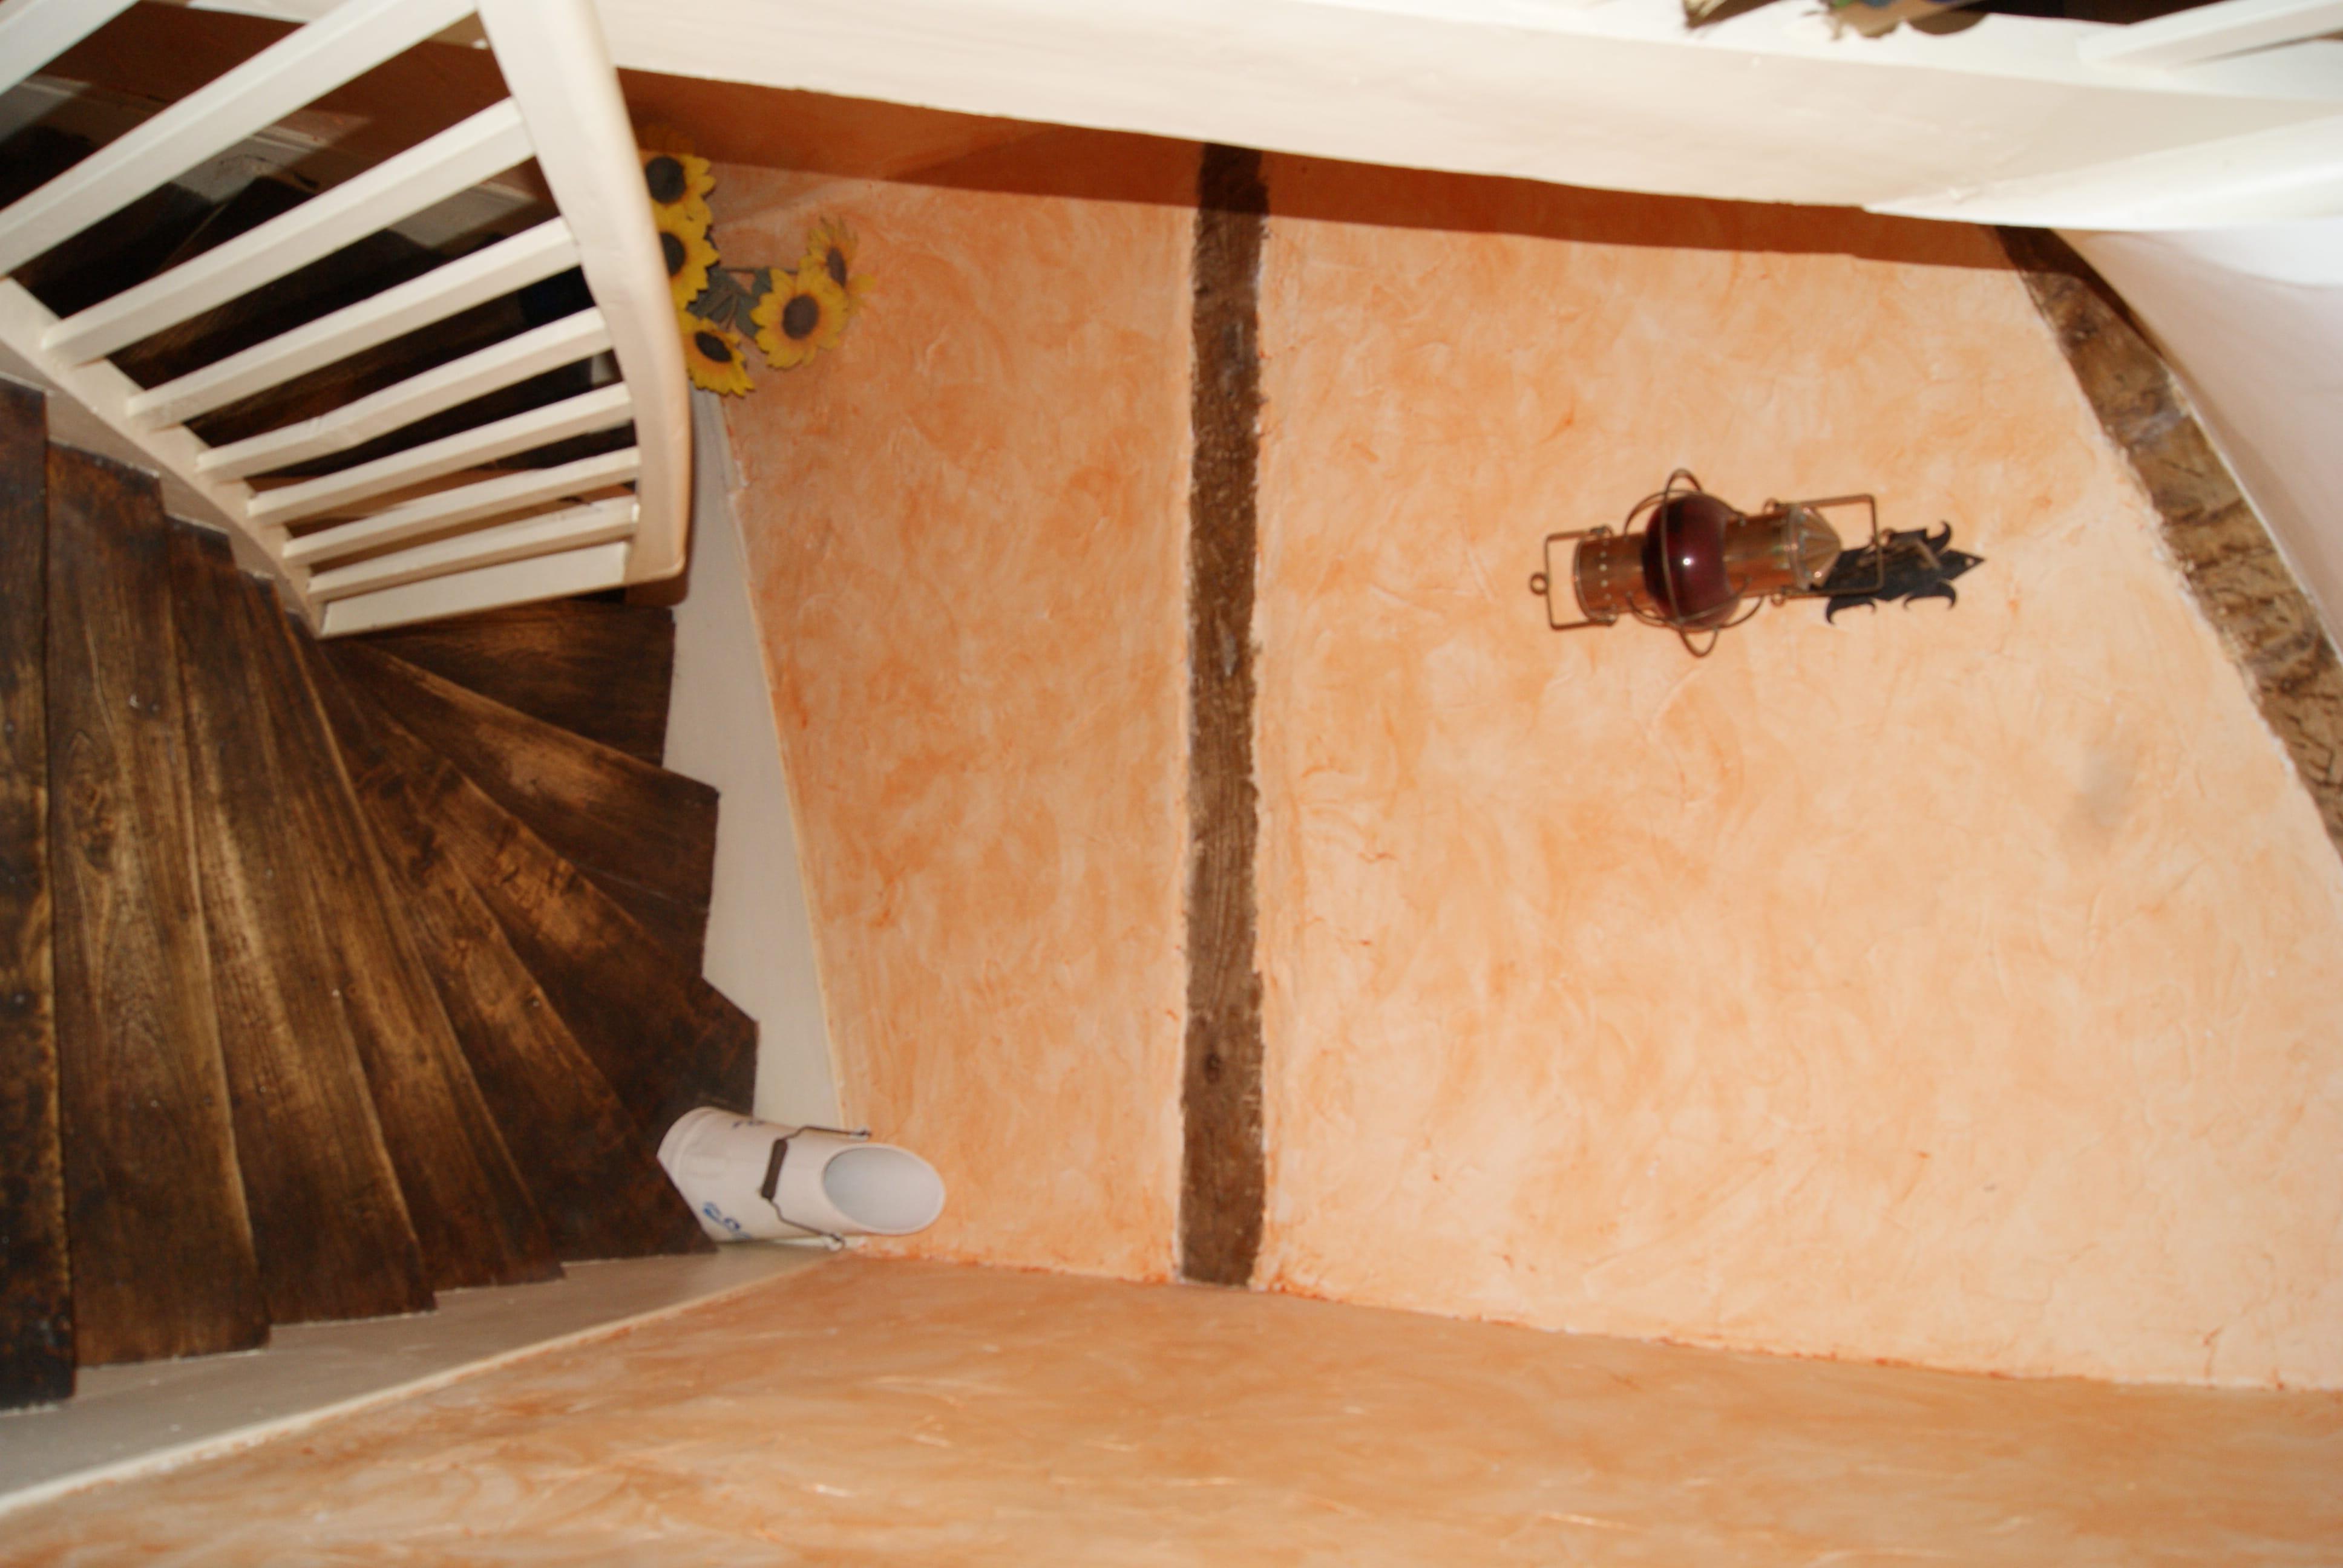 besoin idee pour relooker escalier couleur et deco With delightful mur couleur taupe clair 11 besoin de conseils pour relooker ma cuisine